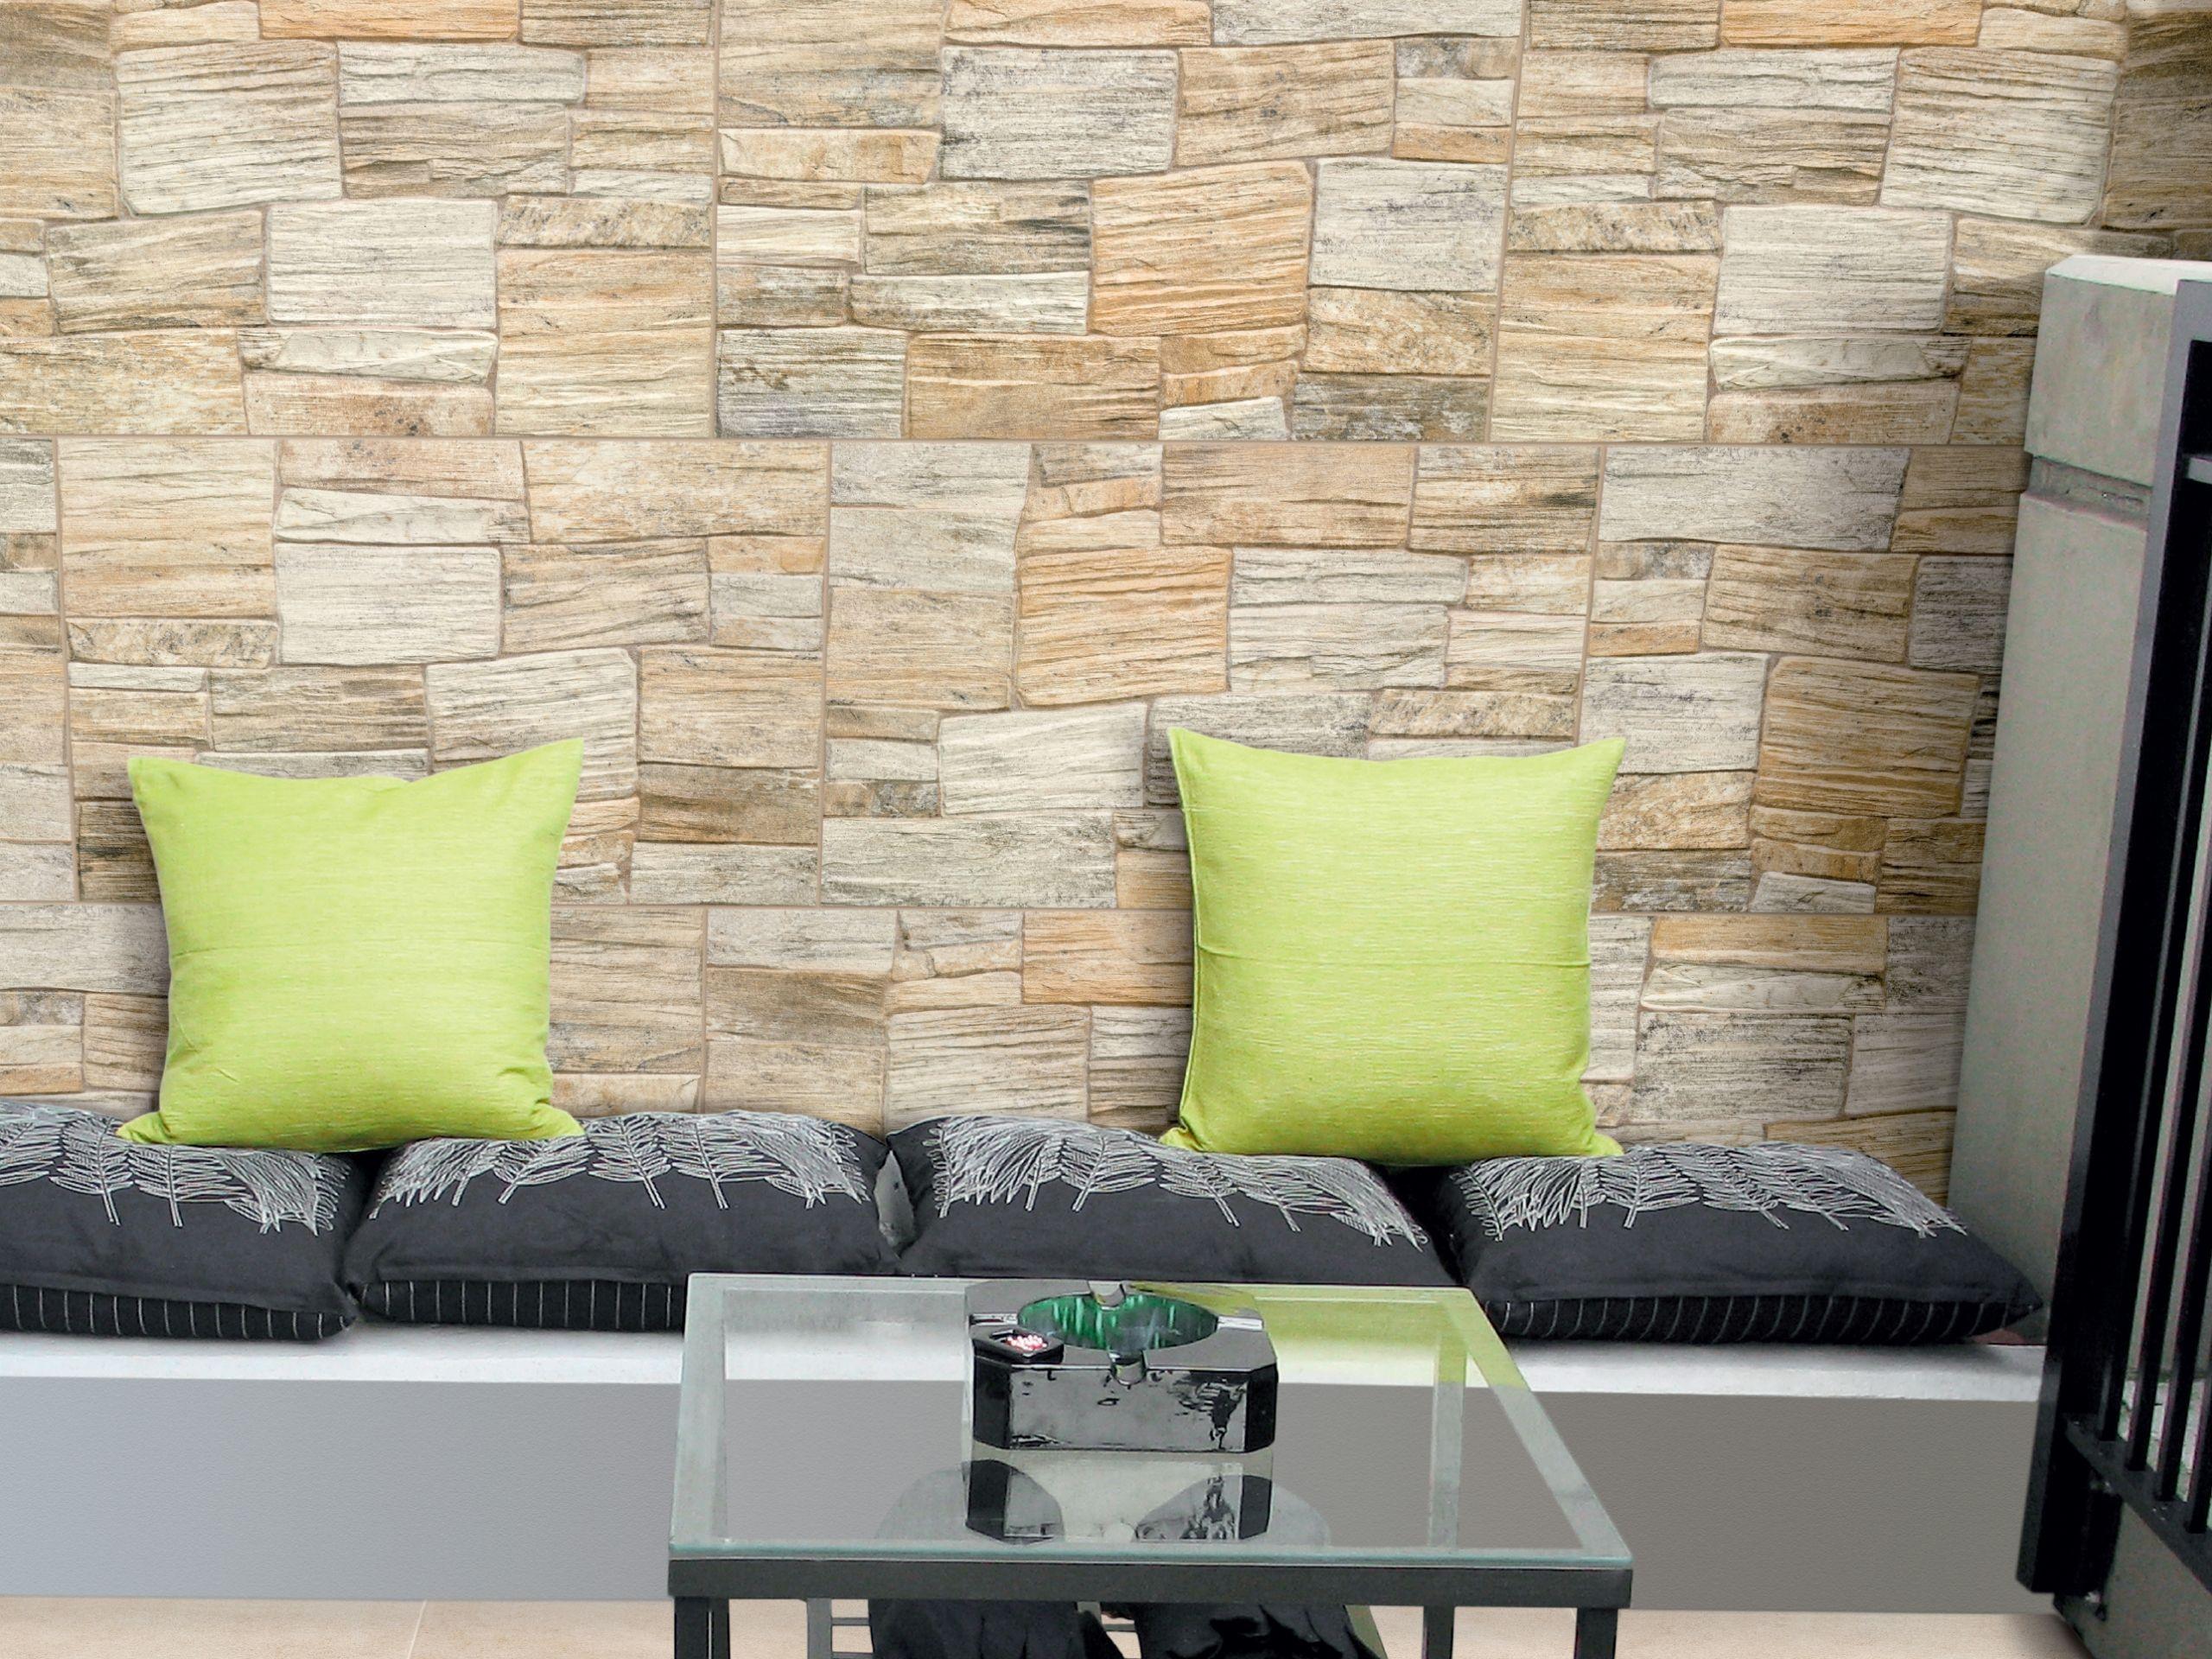 Revestimiento de paredes imitacion piedra materiales de construcci n para la reparaci n - Revestimiento paredes imitacion piedra ...